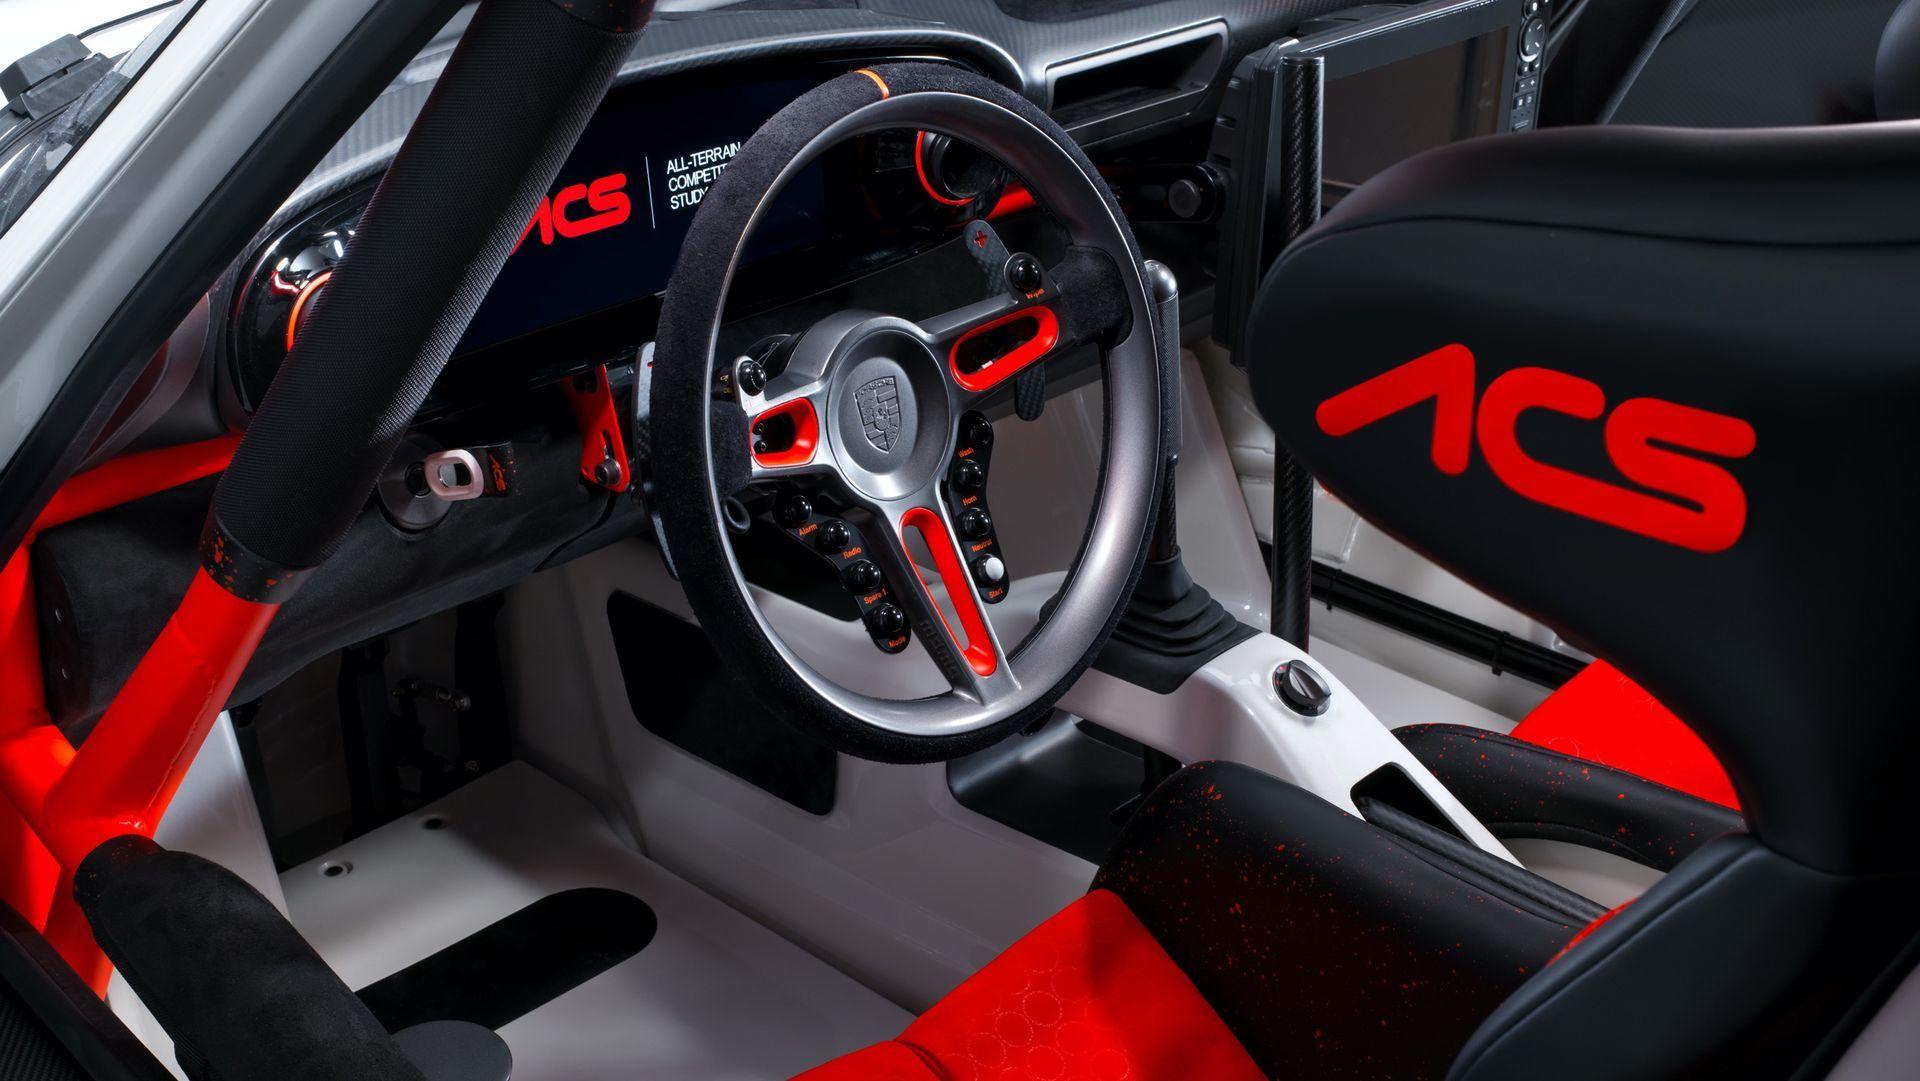 Singer Acs Porsche 911 3